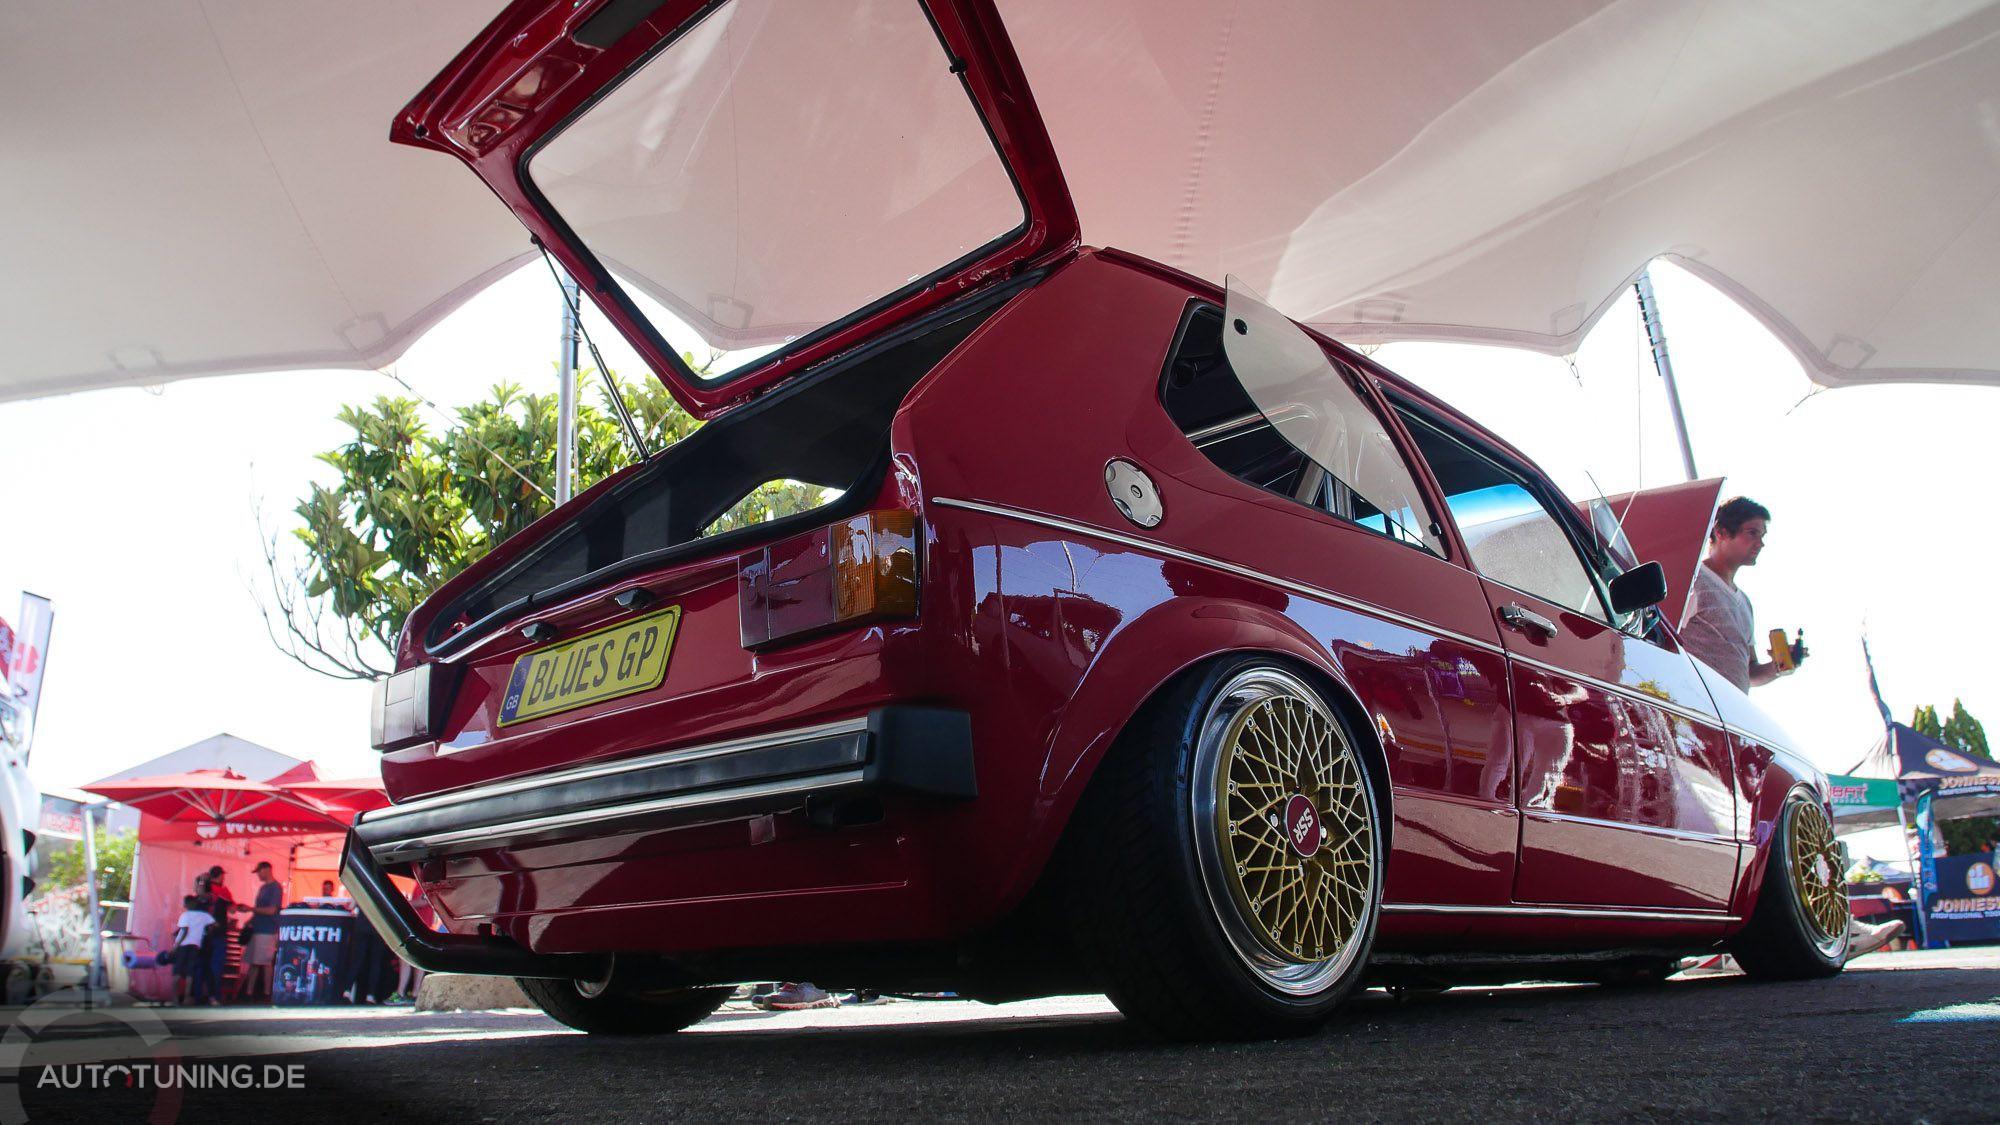 Hintere Seitenansicht: Roter VW Golf MK1 in Südafrika